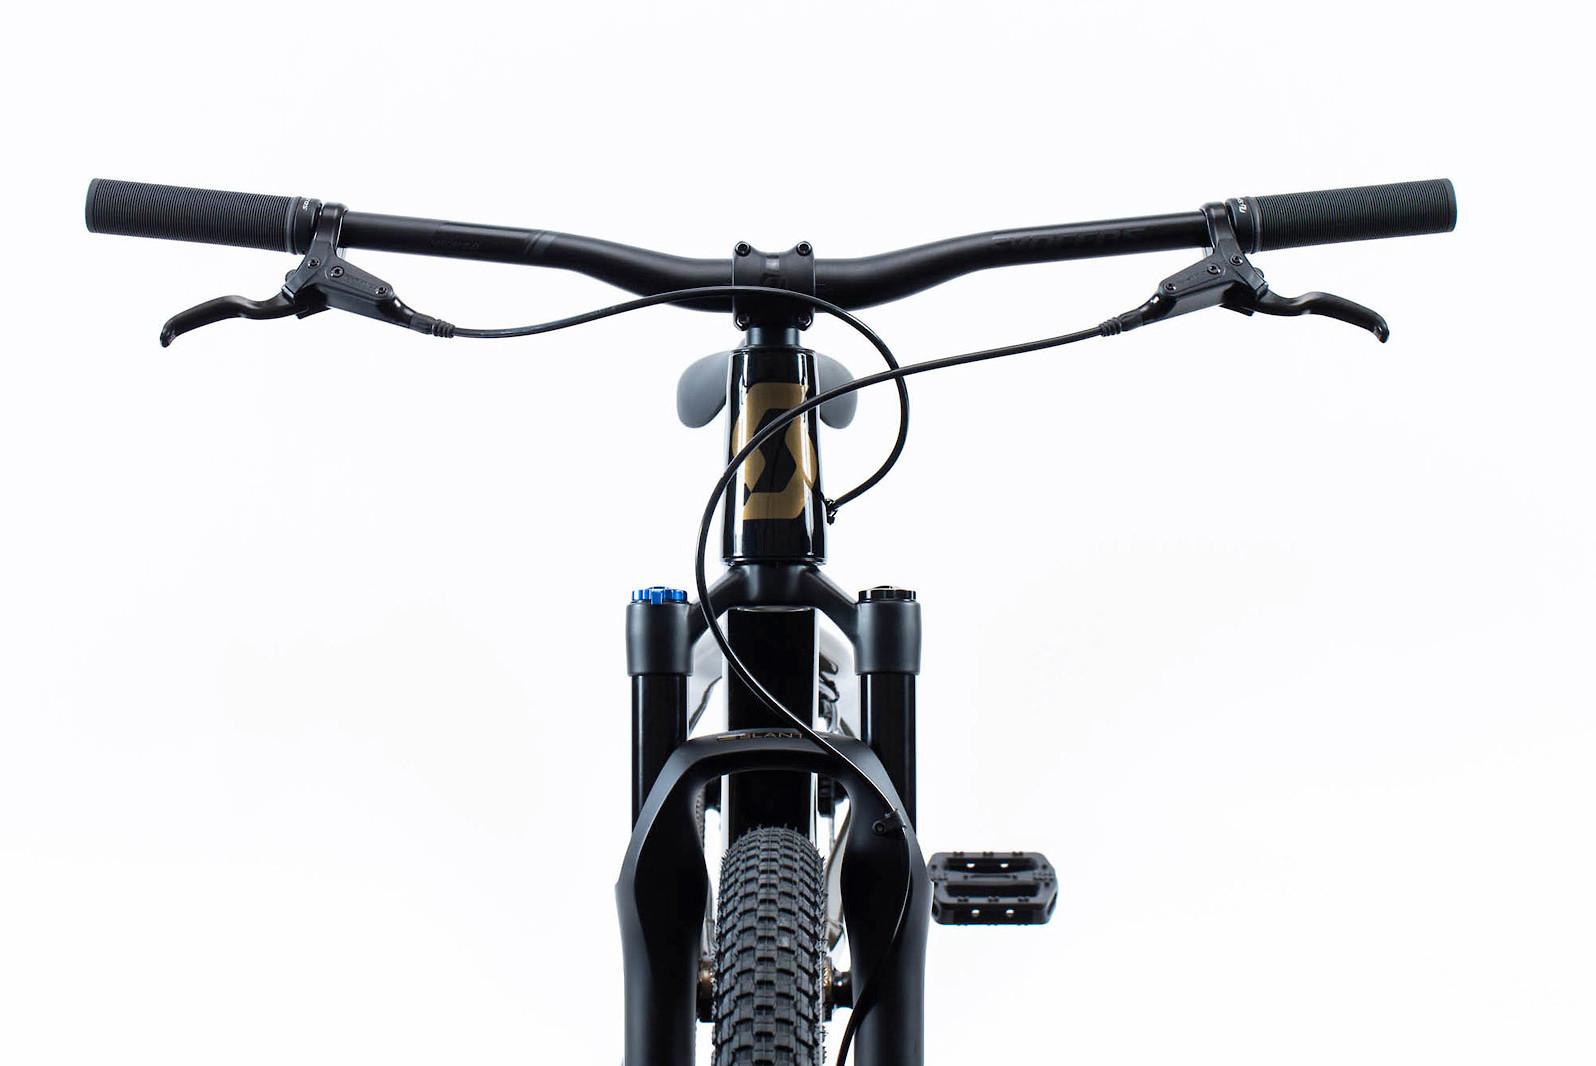 722d4ffed29 2019 Scott Voltage YZ 0.1 Bike - Reviews, Comparisons, Specs ...